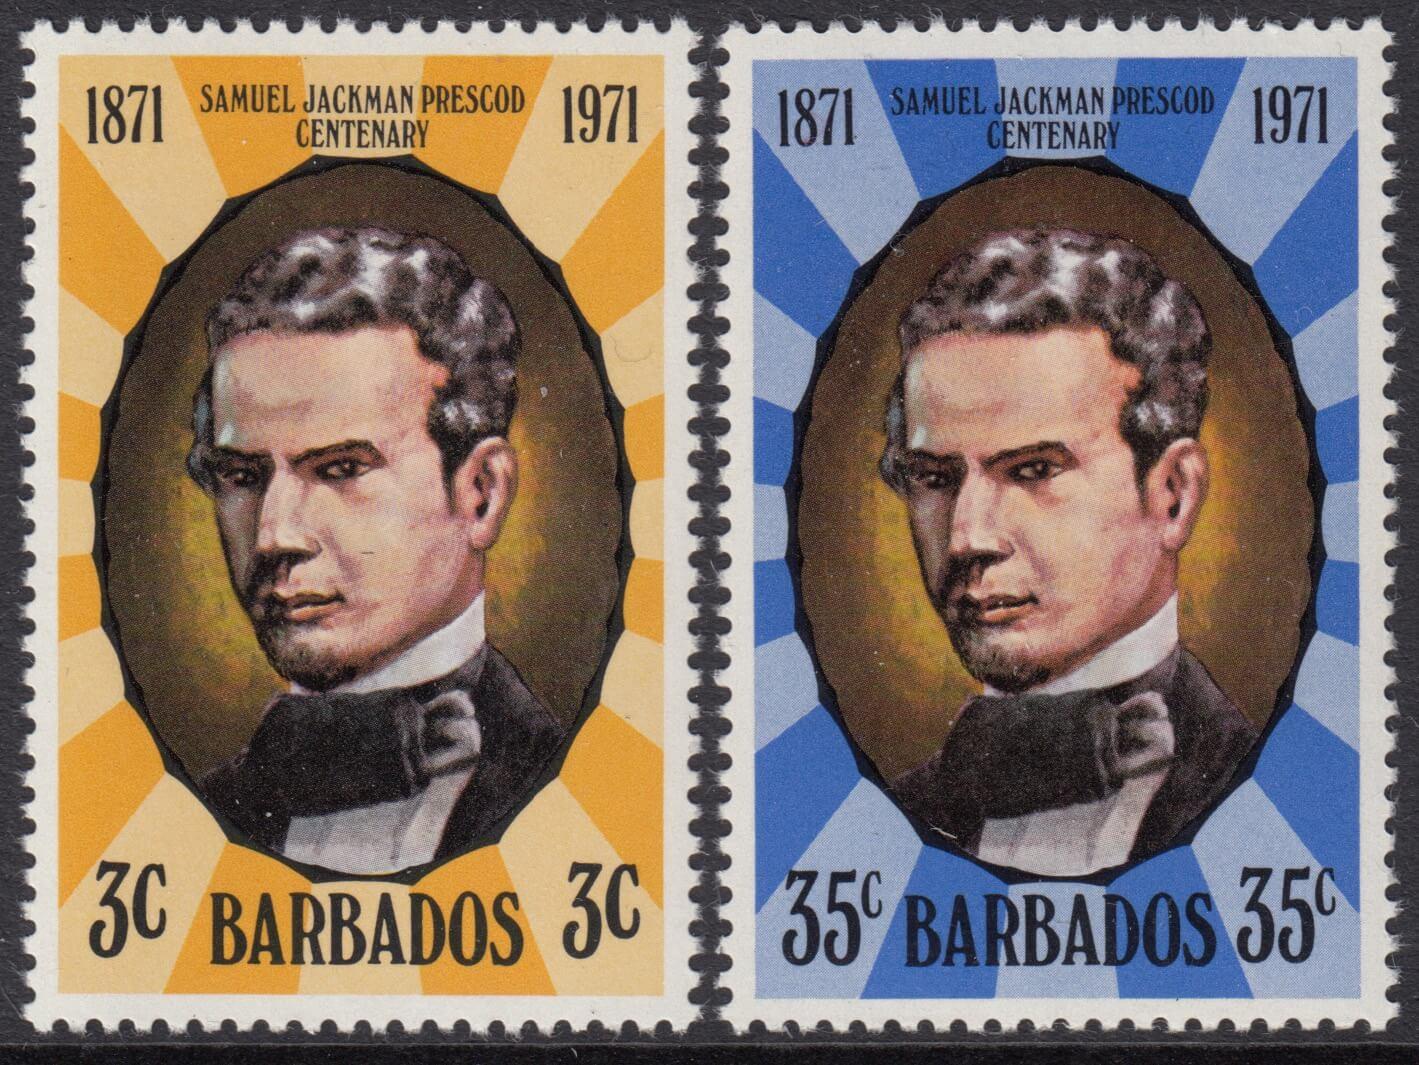 Barbados SG434-435 | Death Centenary of Samuel Jackman Prescod